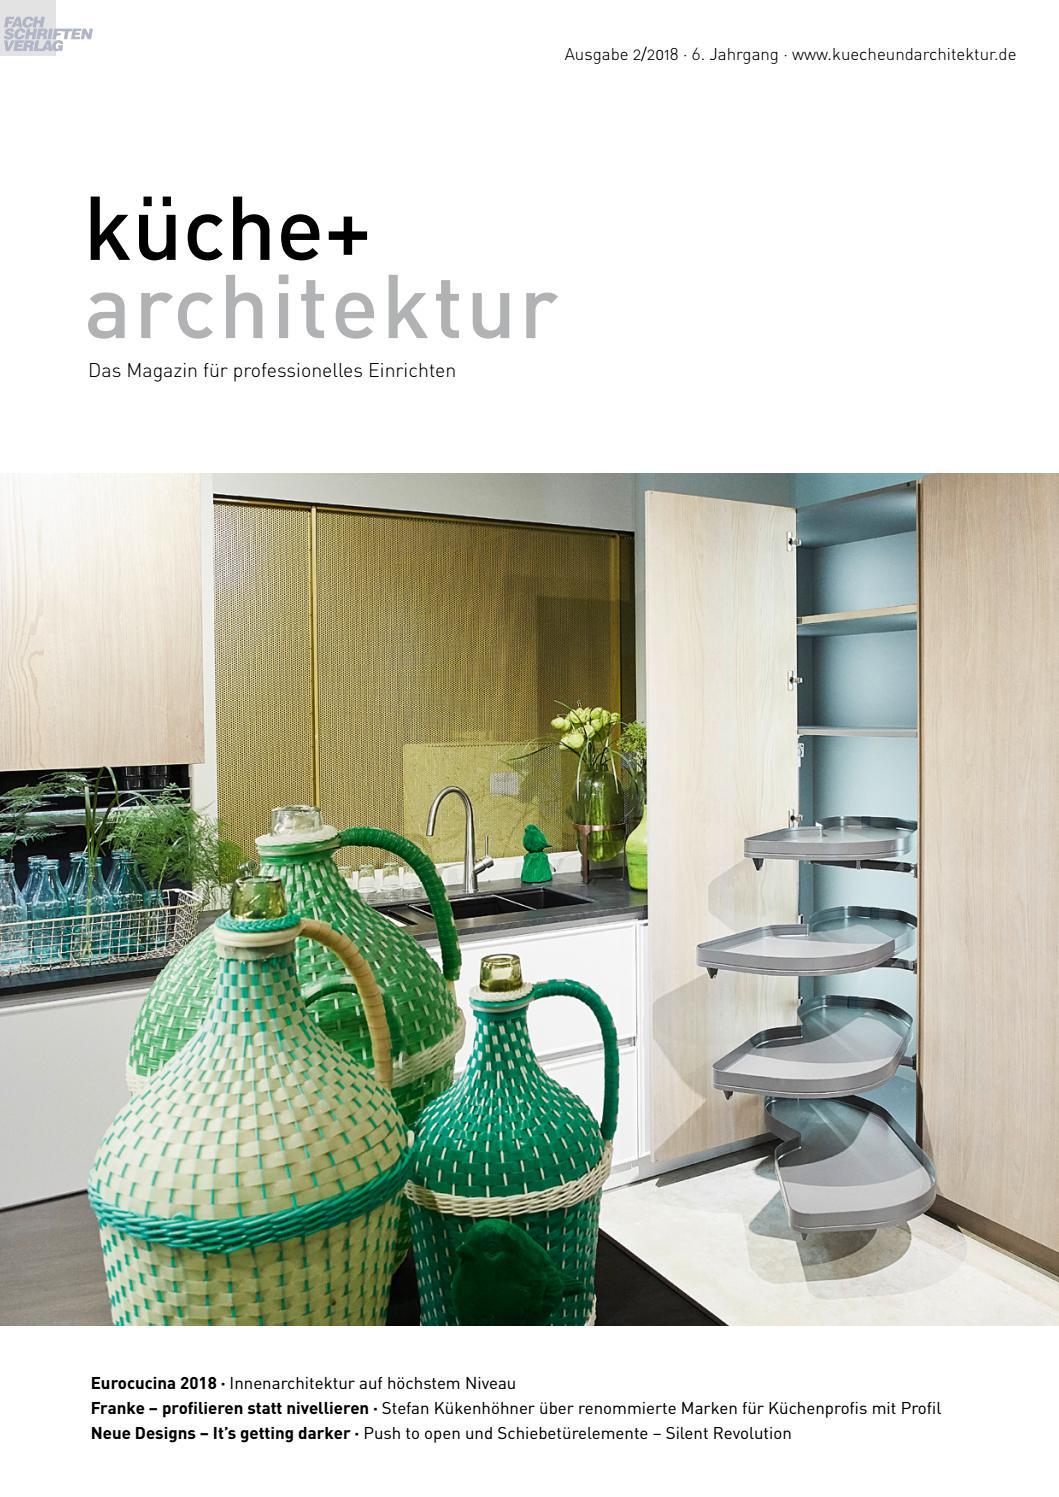 küche + architektur 2/18 by Fachschriften Verlag - issuu